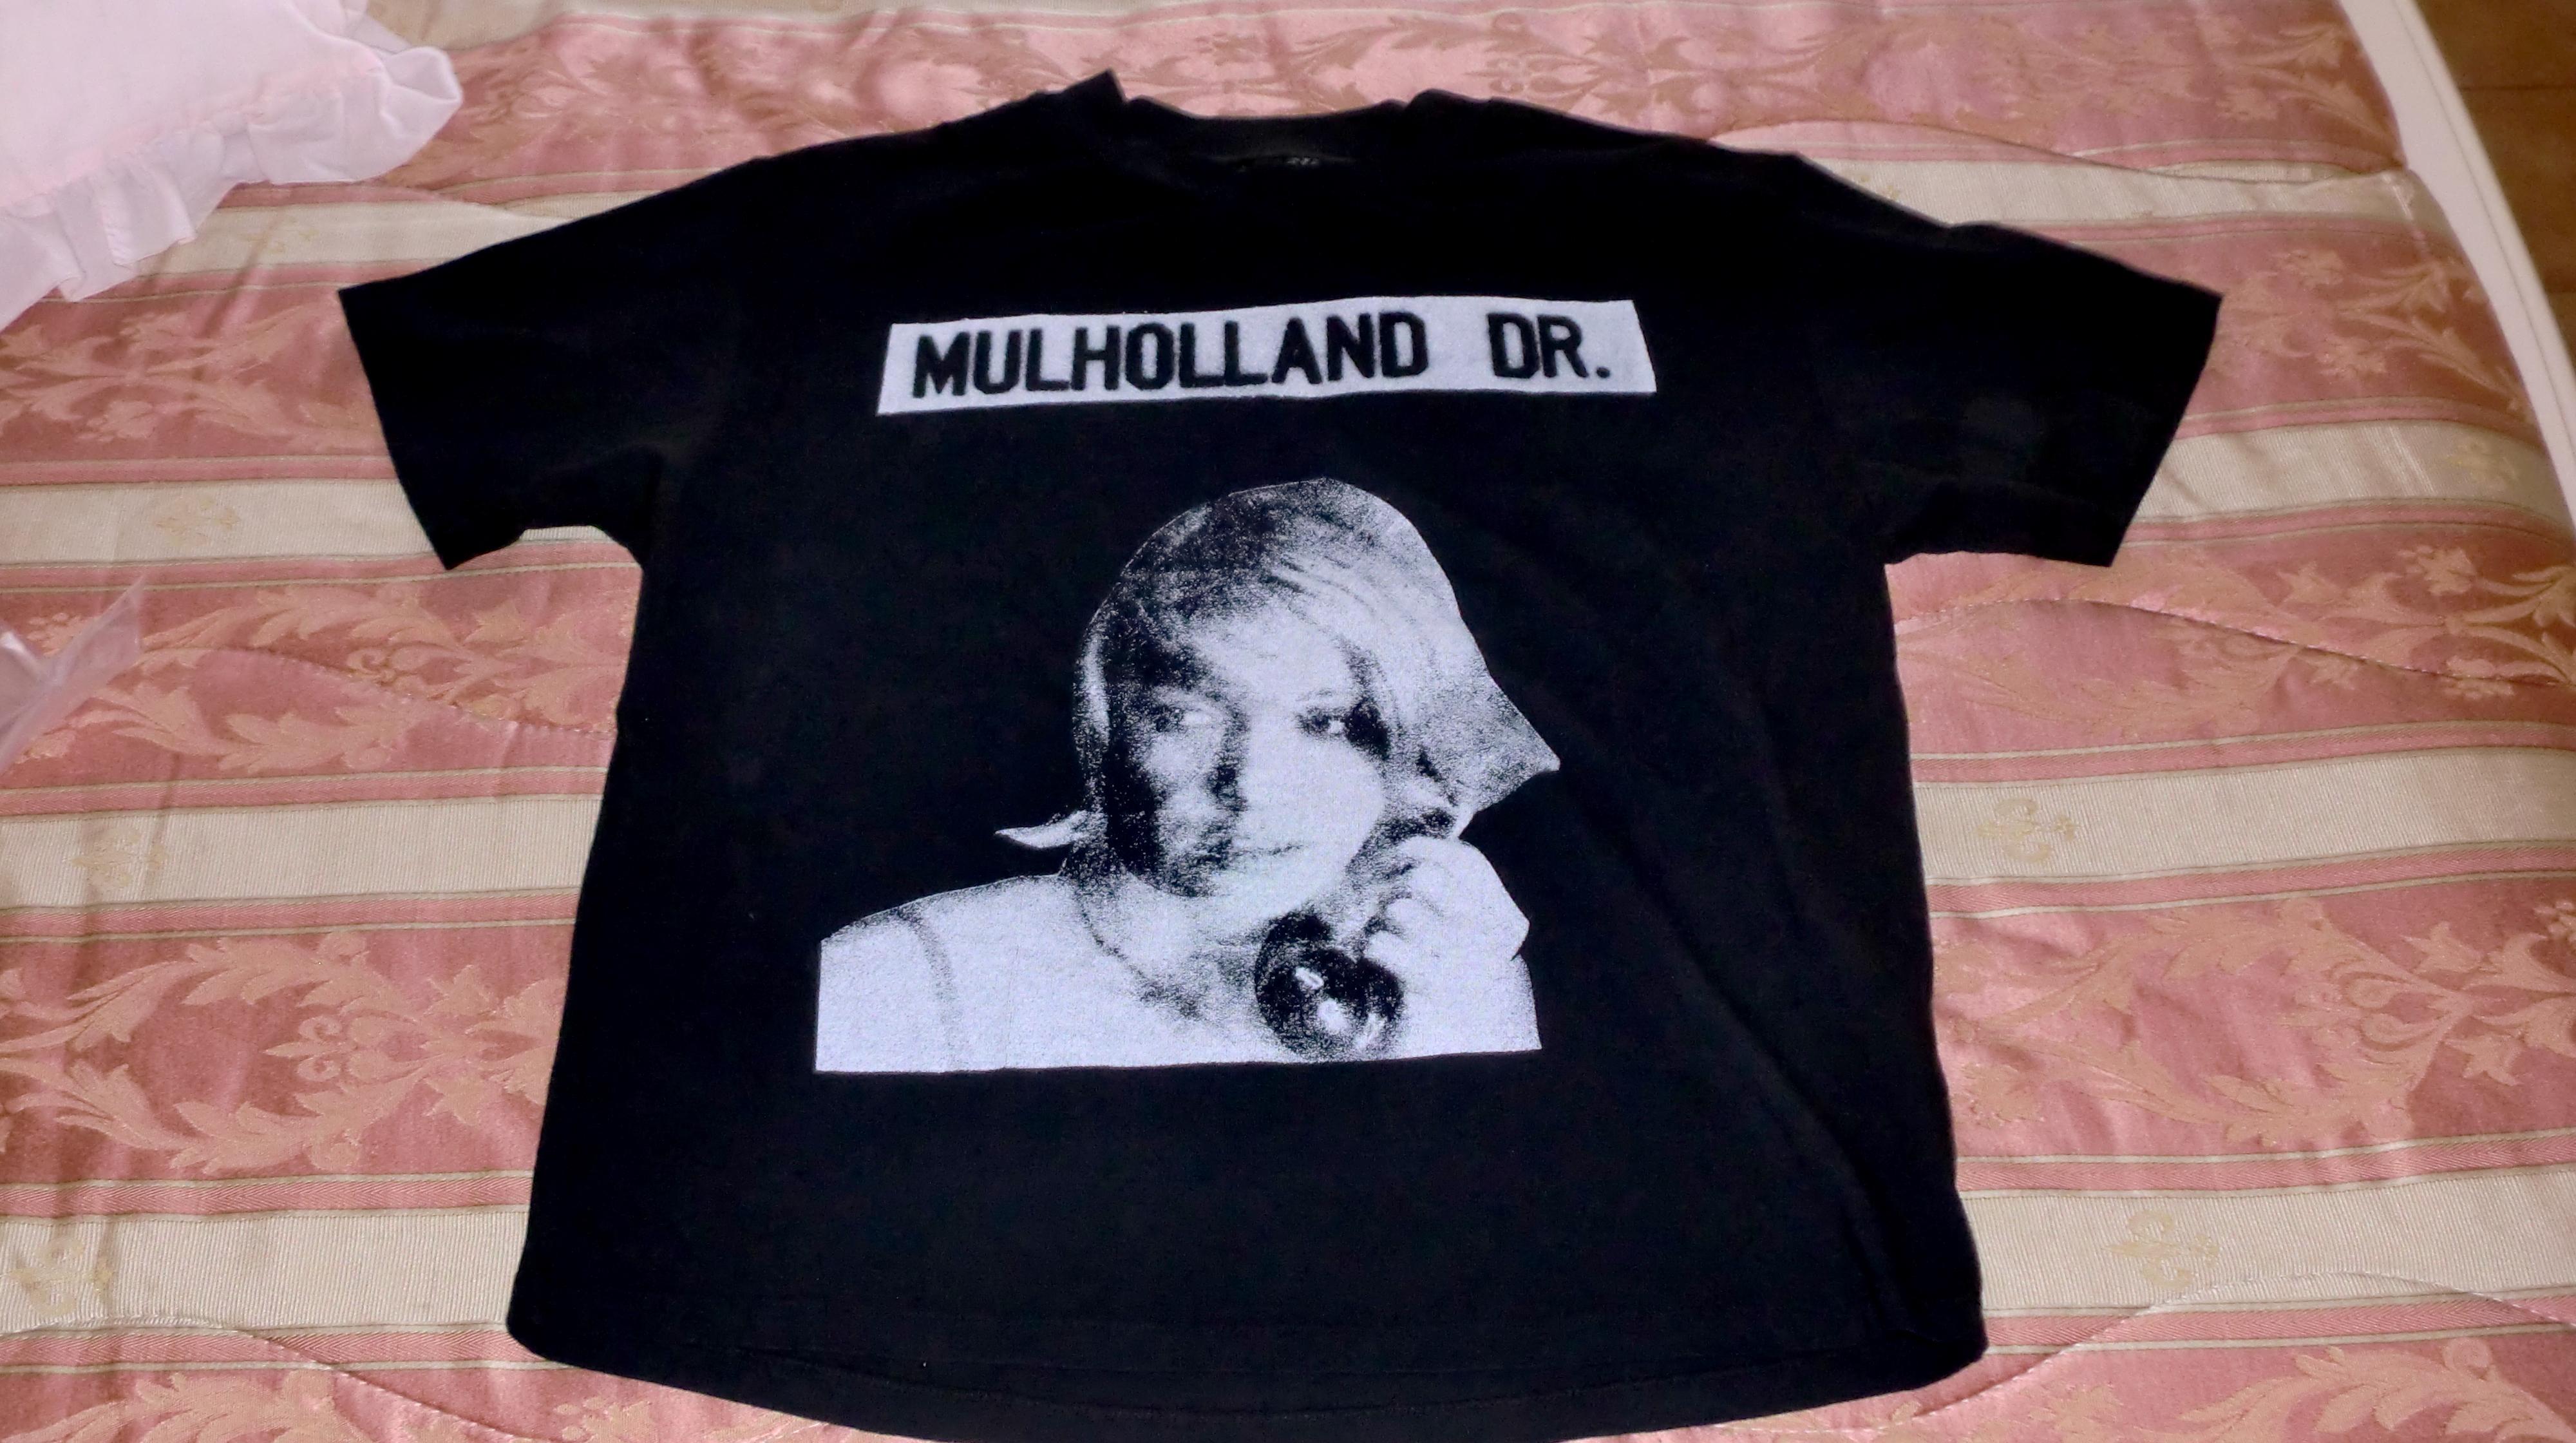 15c92fef4 Enfants Riches Deprimes Enfants Riches Deprimes Mulholland Drive T-shirt |  Grailed